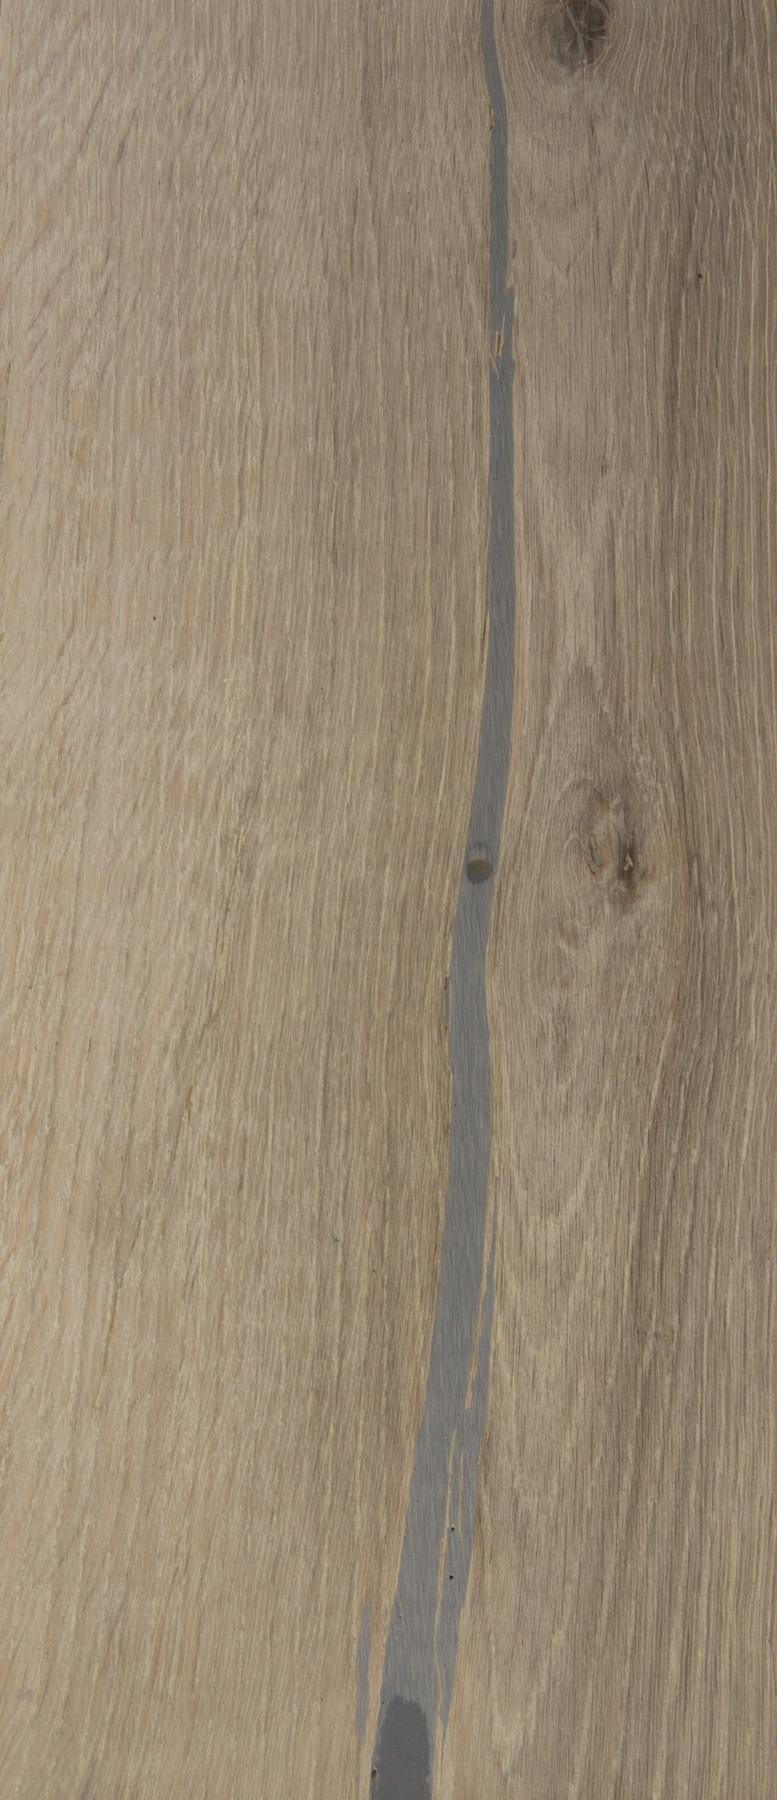 maderas-terramont-nomad-abu-dhabi-36